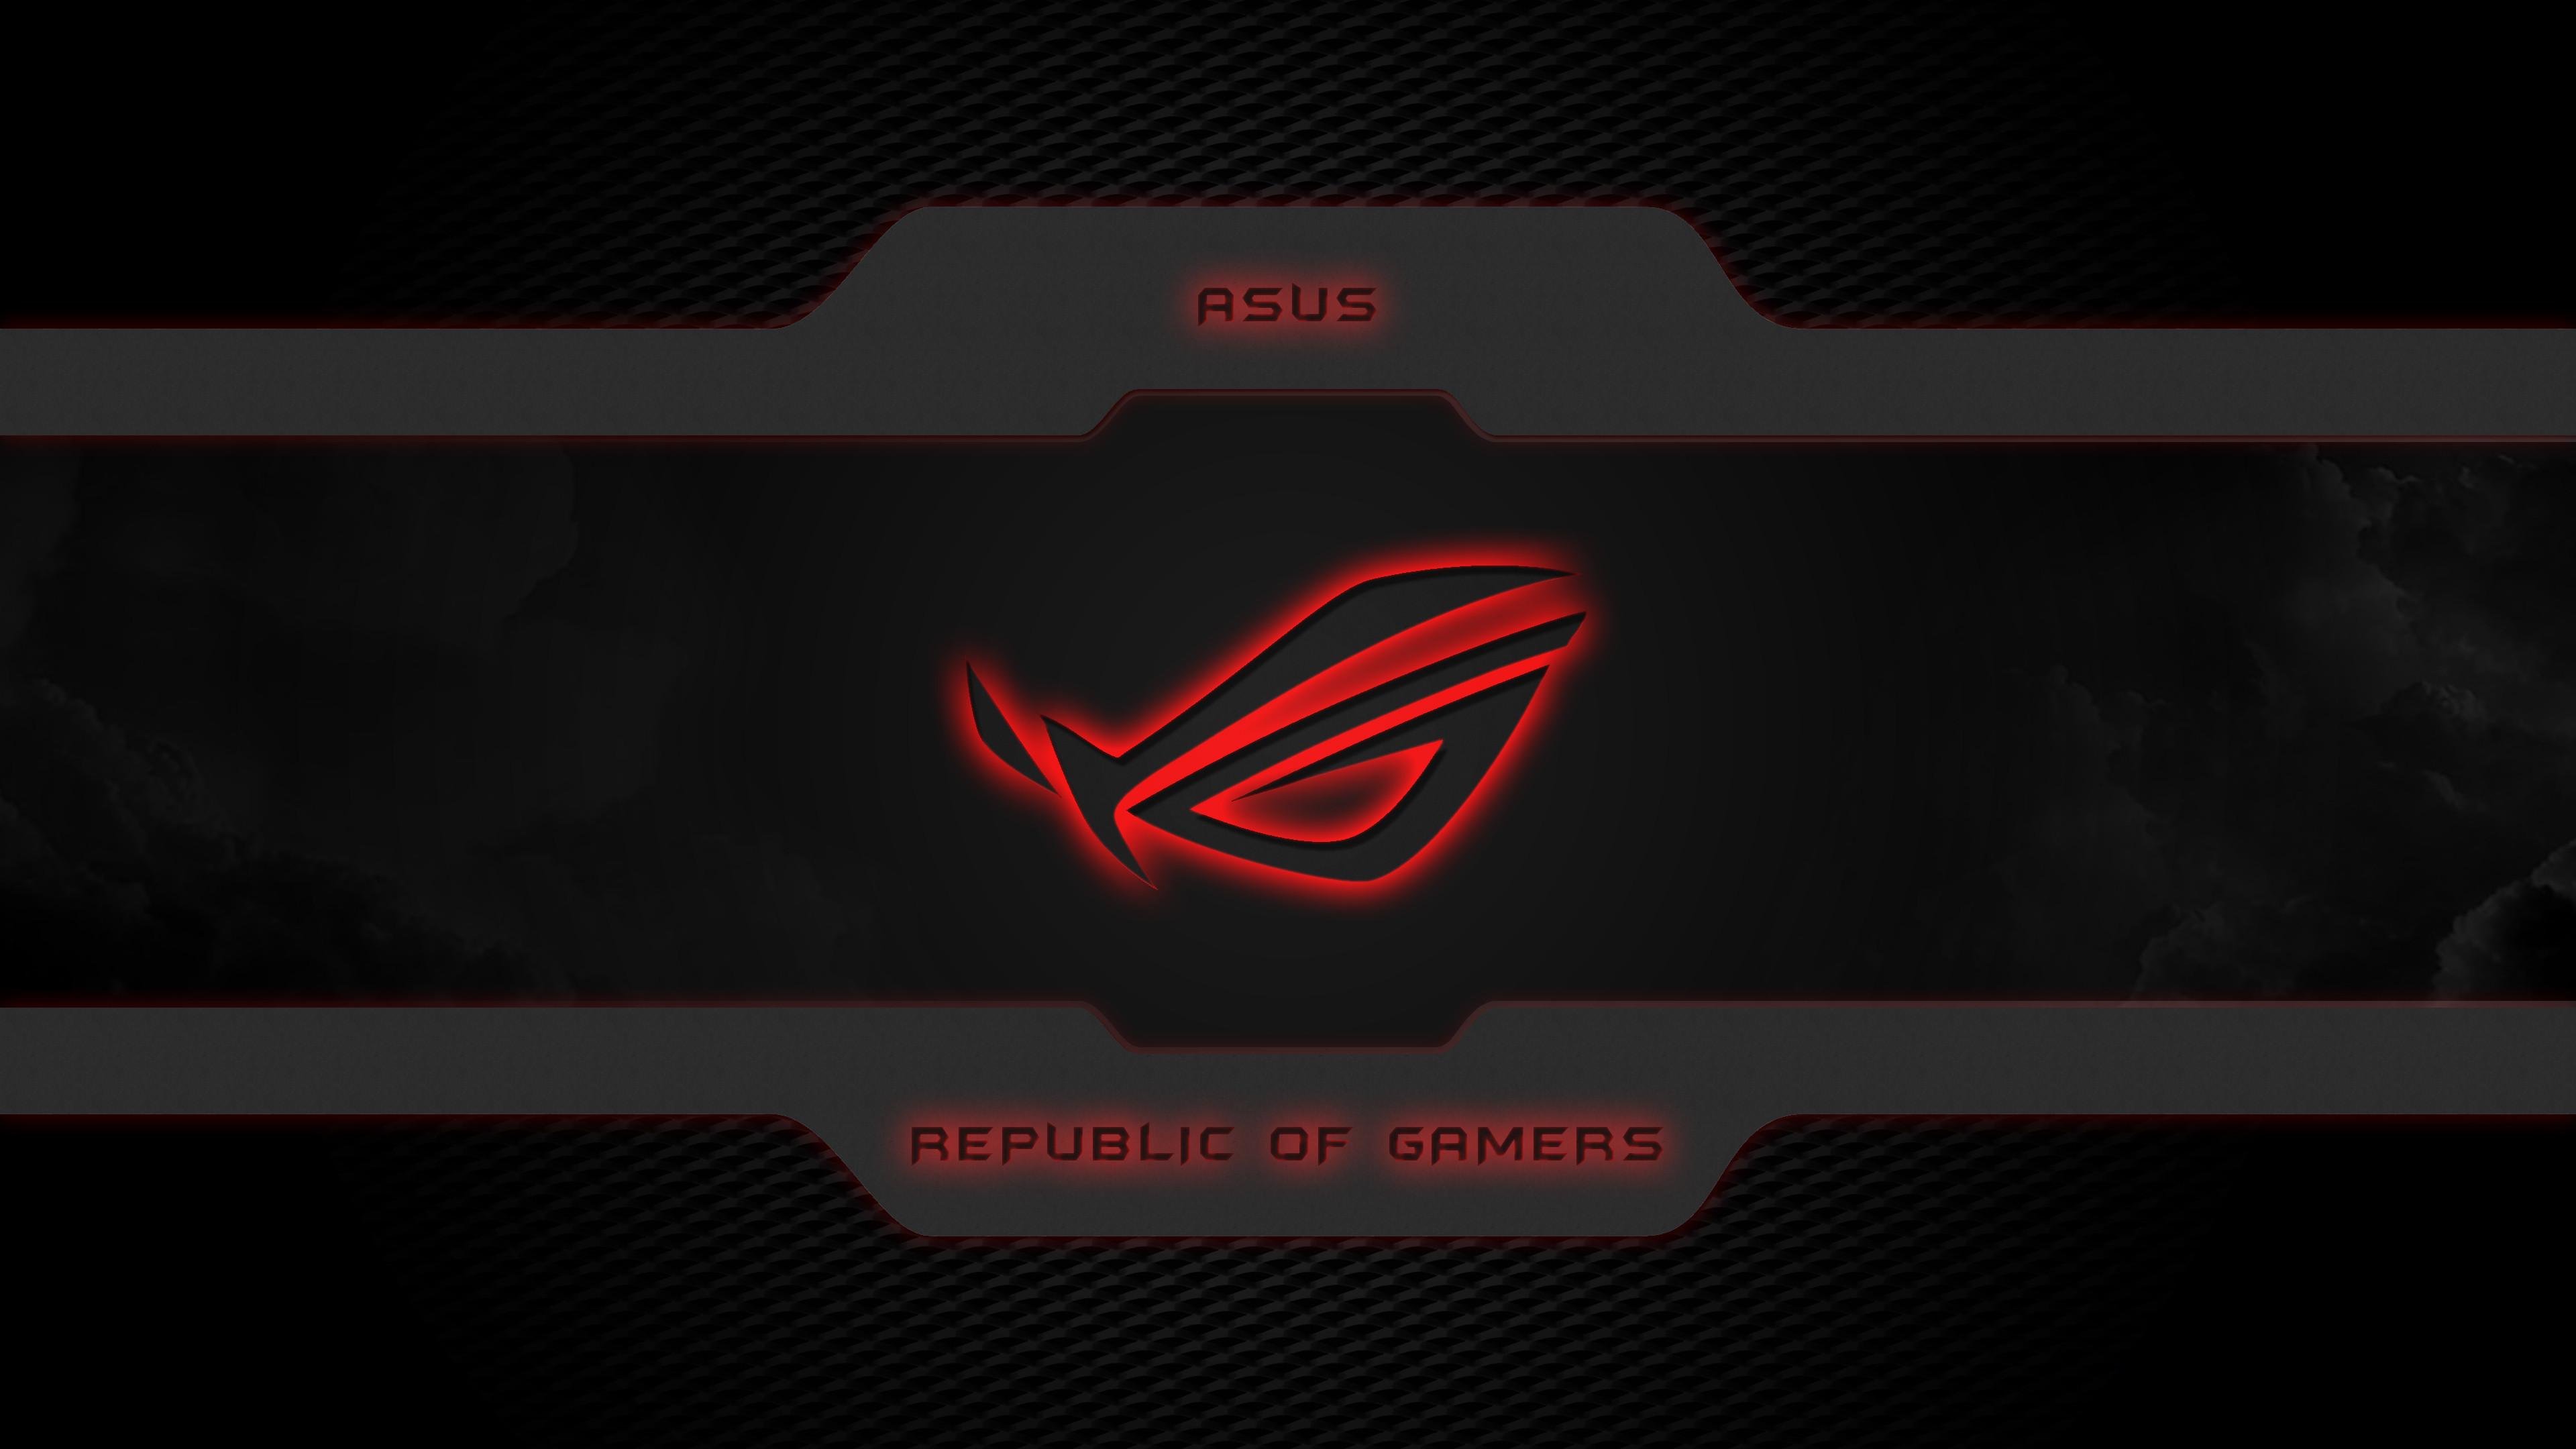 Asus 4K Wallpaper 3840x2160